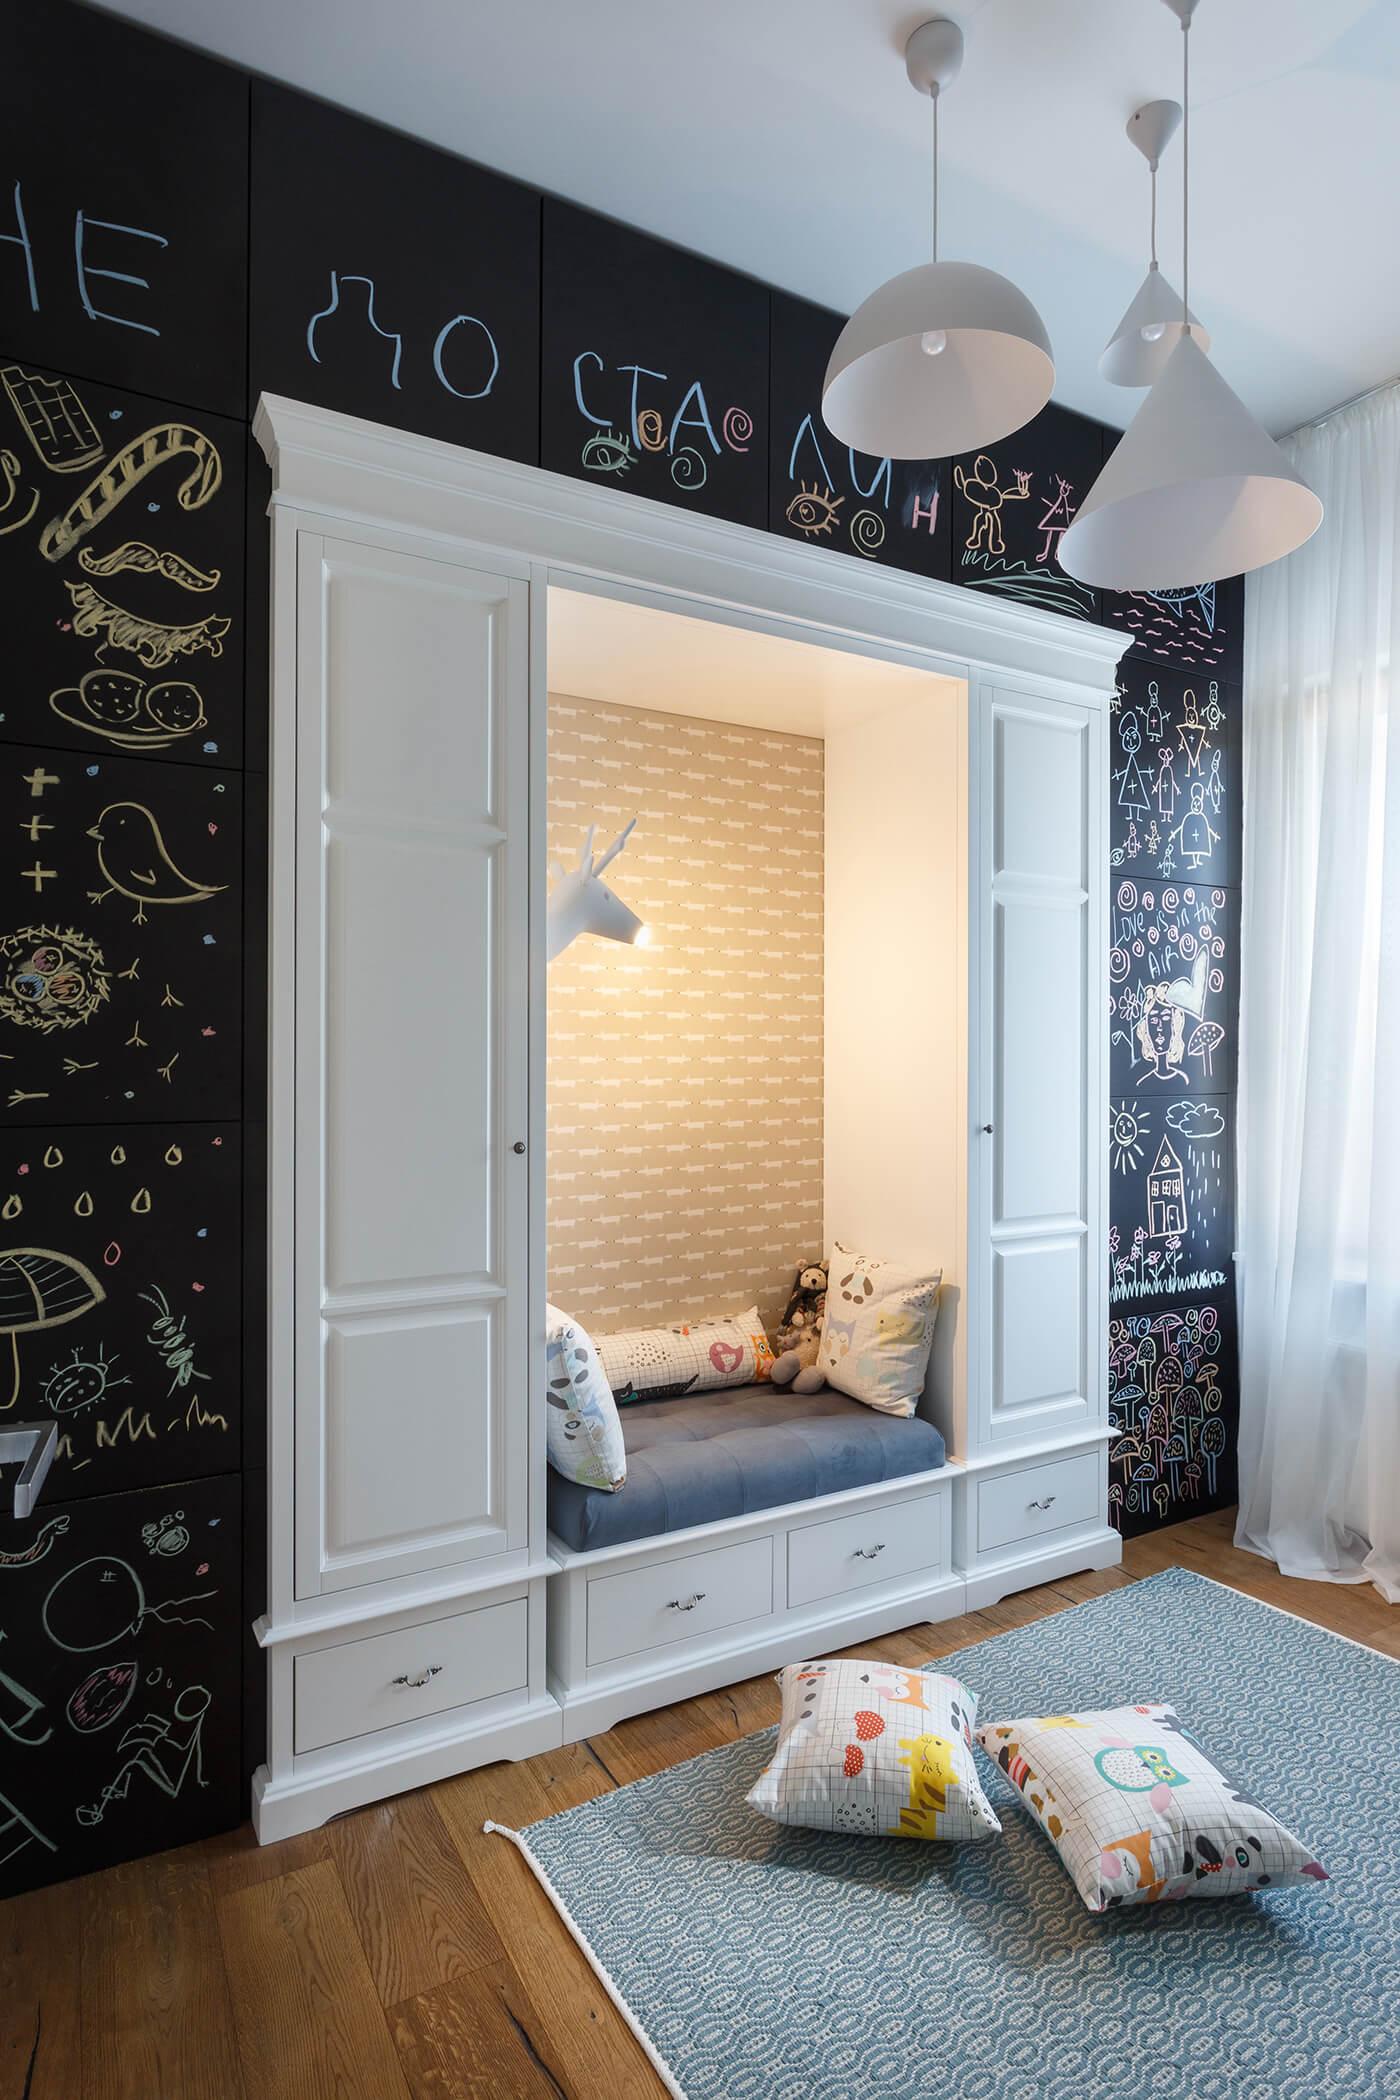 ایده های جالب و خلاقانه برای آپارتمان ها در اوکراین